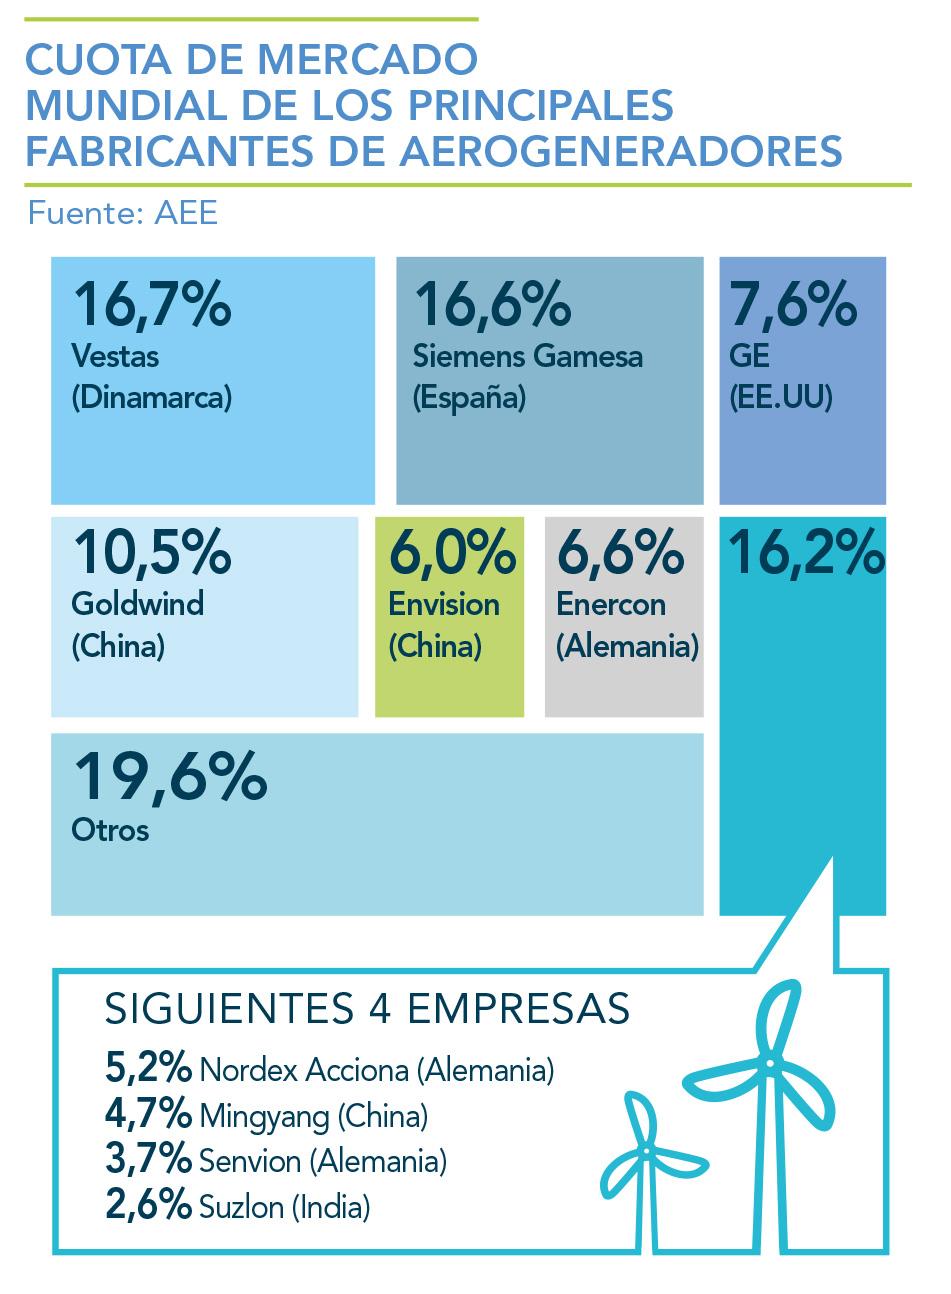 CUOTA-DE-MERCADO-MUNDIAL-DE-LOS-PRINCIPALES-FABRICANTES-DE-AEROGENERADORES